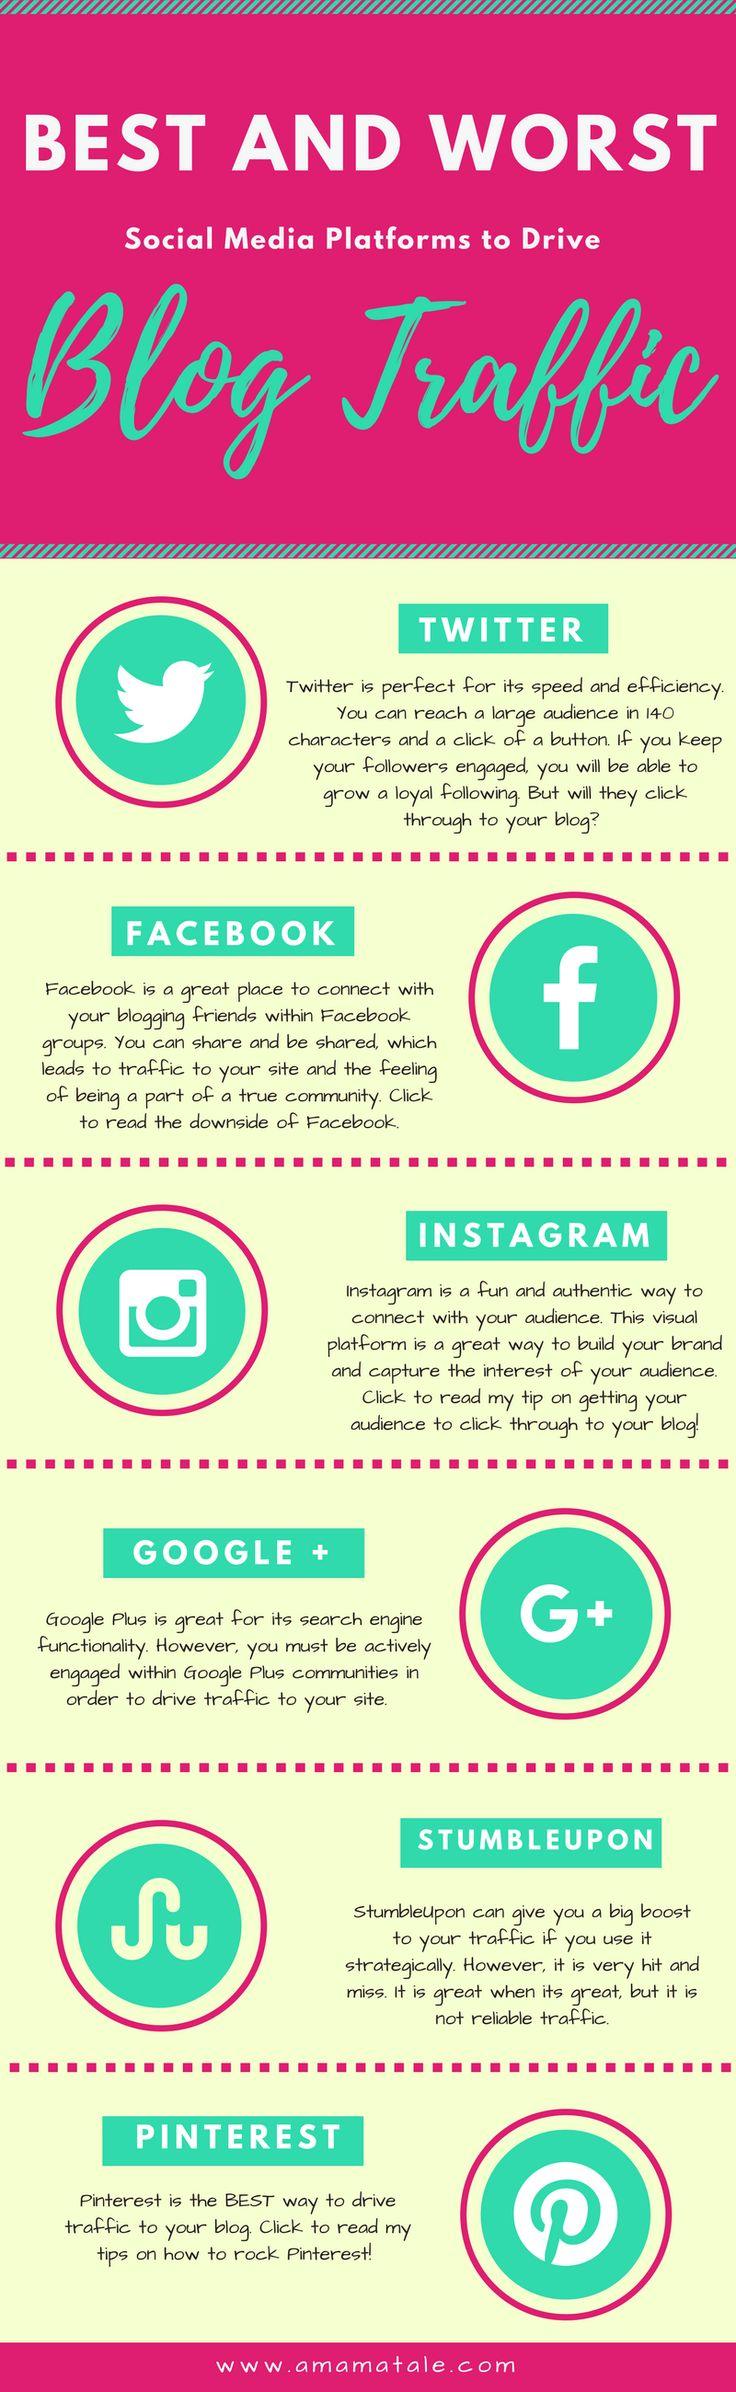 April Blog Traffic: The Best and Worst Social Media Platforms for Blogging